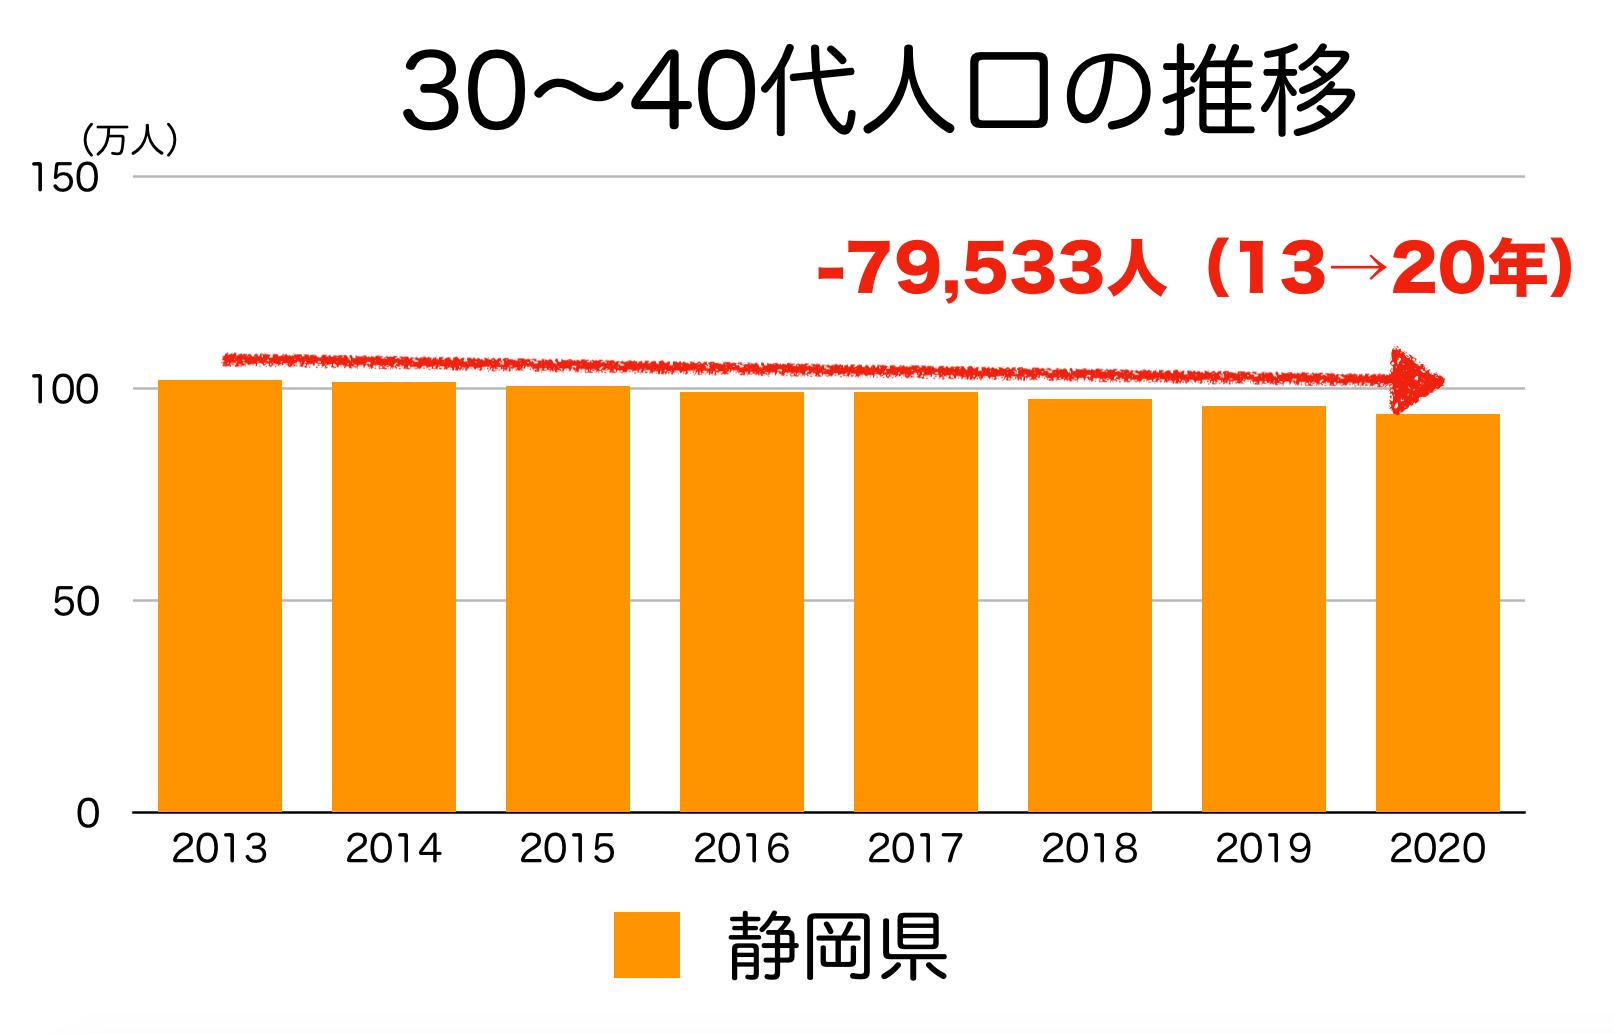 静岡県の30〜40代人口の推移